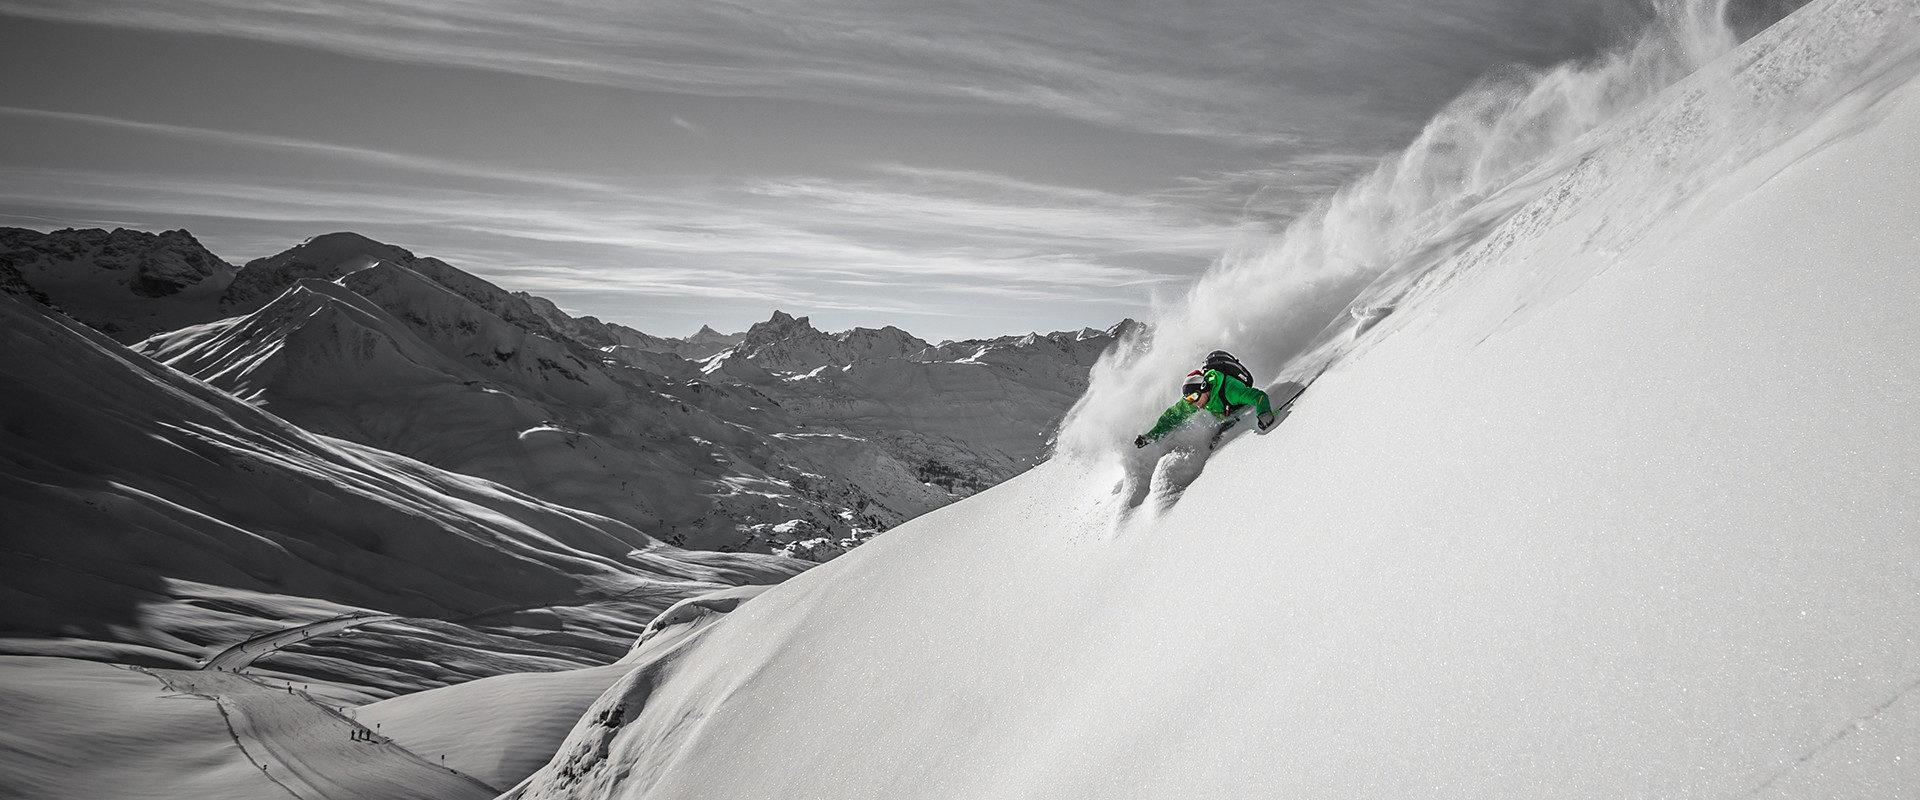 Puggl Christoph zieht langen Turn in Pulverschnee mit Mega-Spread vom Schnee.